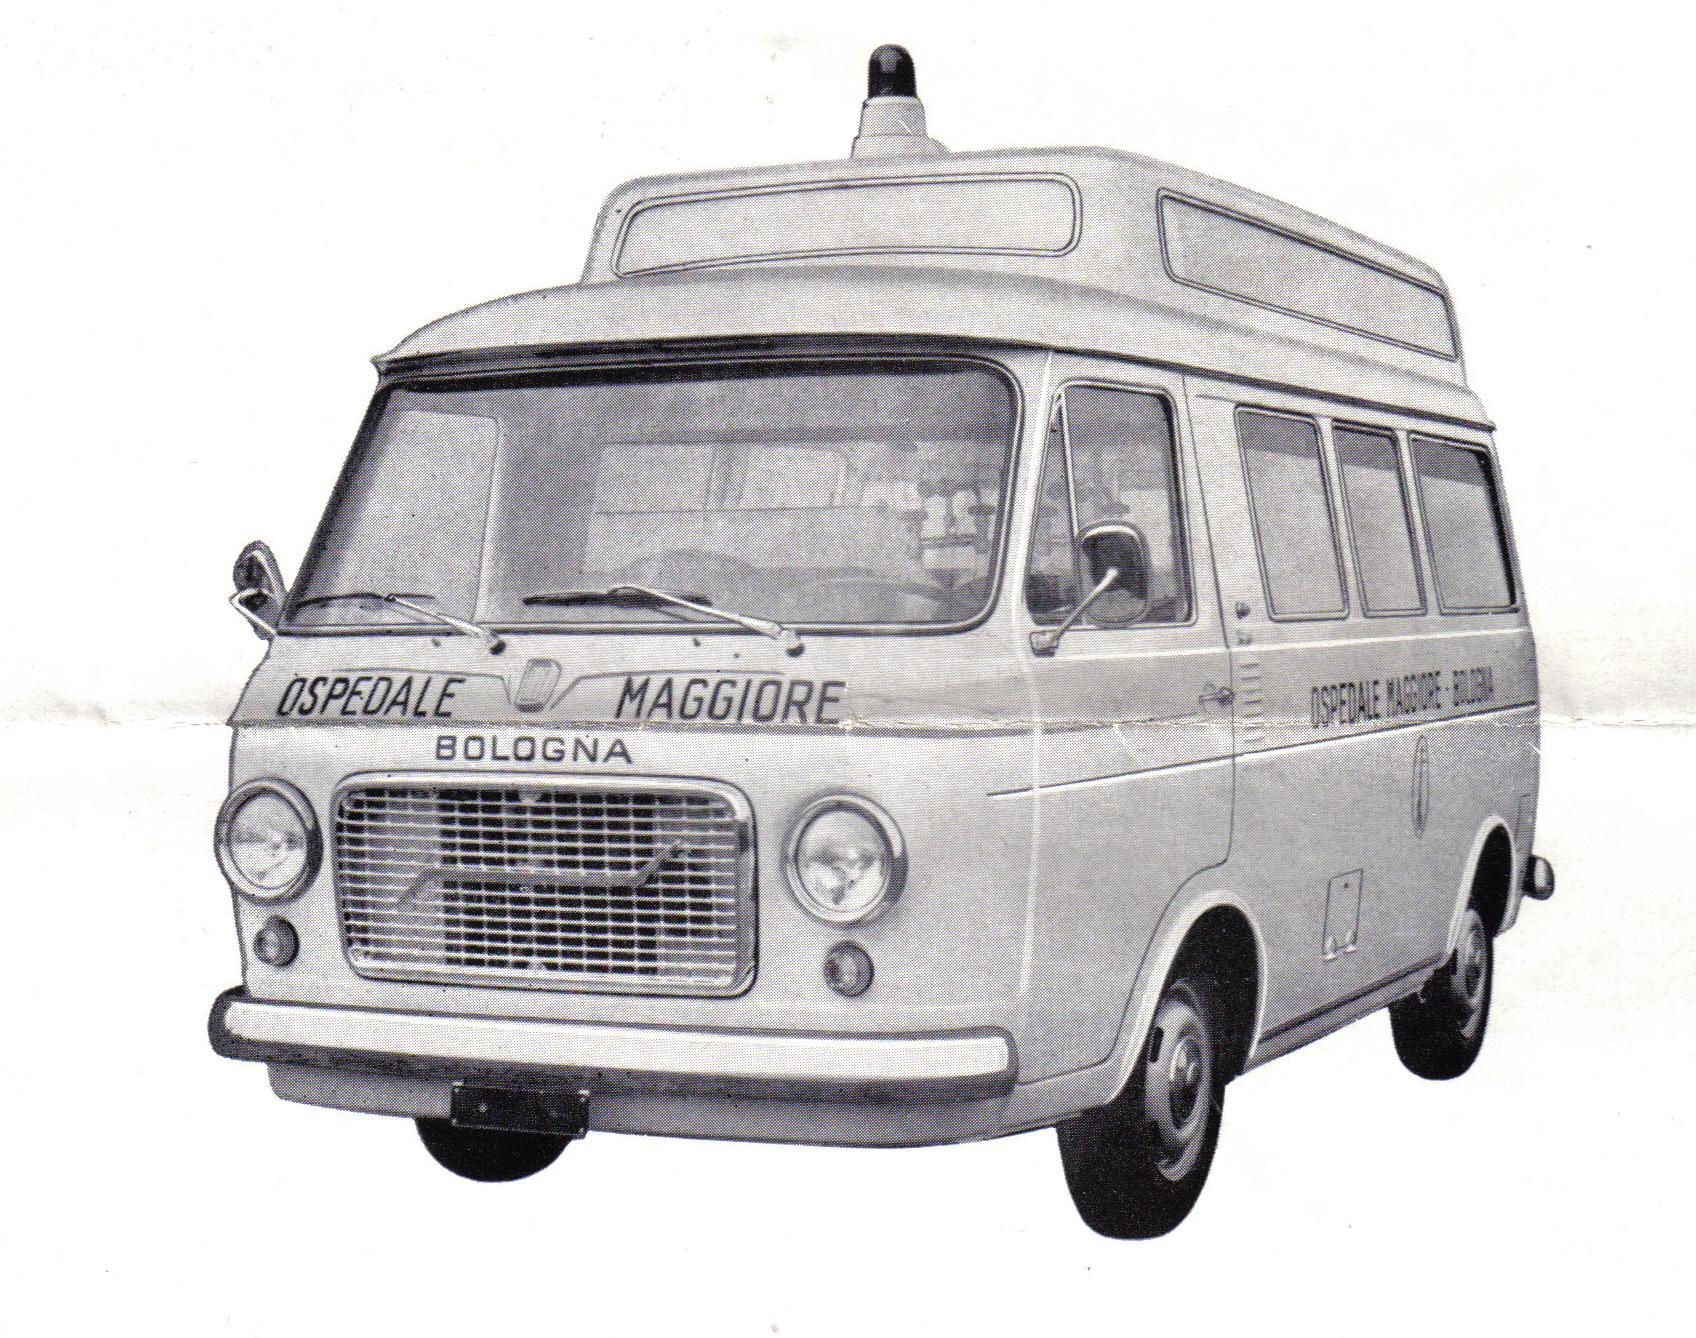 """Foto 34: esterno del modello """"Maggiore"""" di Grazia, riprodotto da brochure pubblicitaria Grazia"""